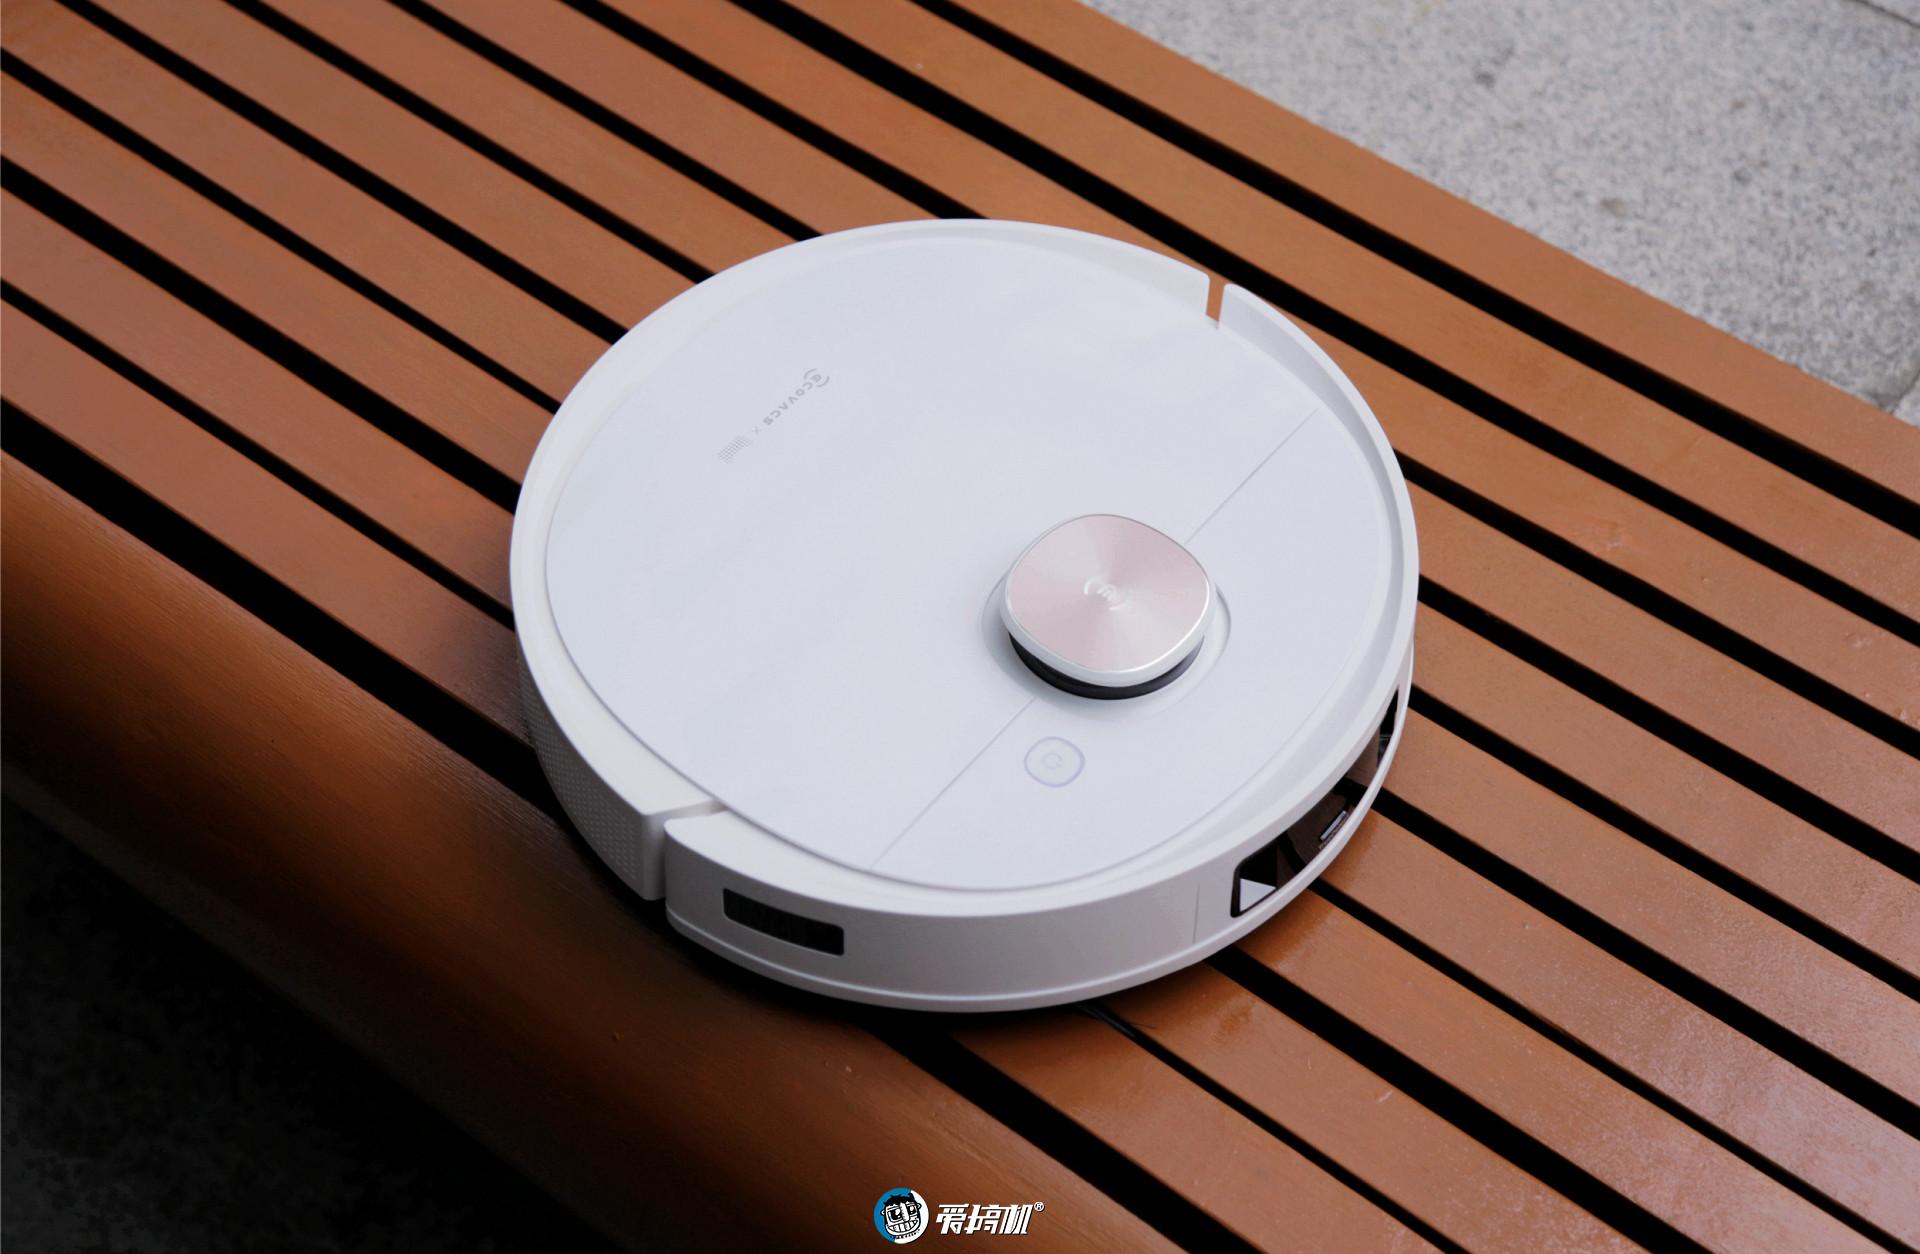 deebot扫地机器人怎么样?deebot使用教程